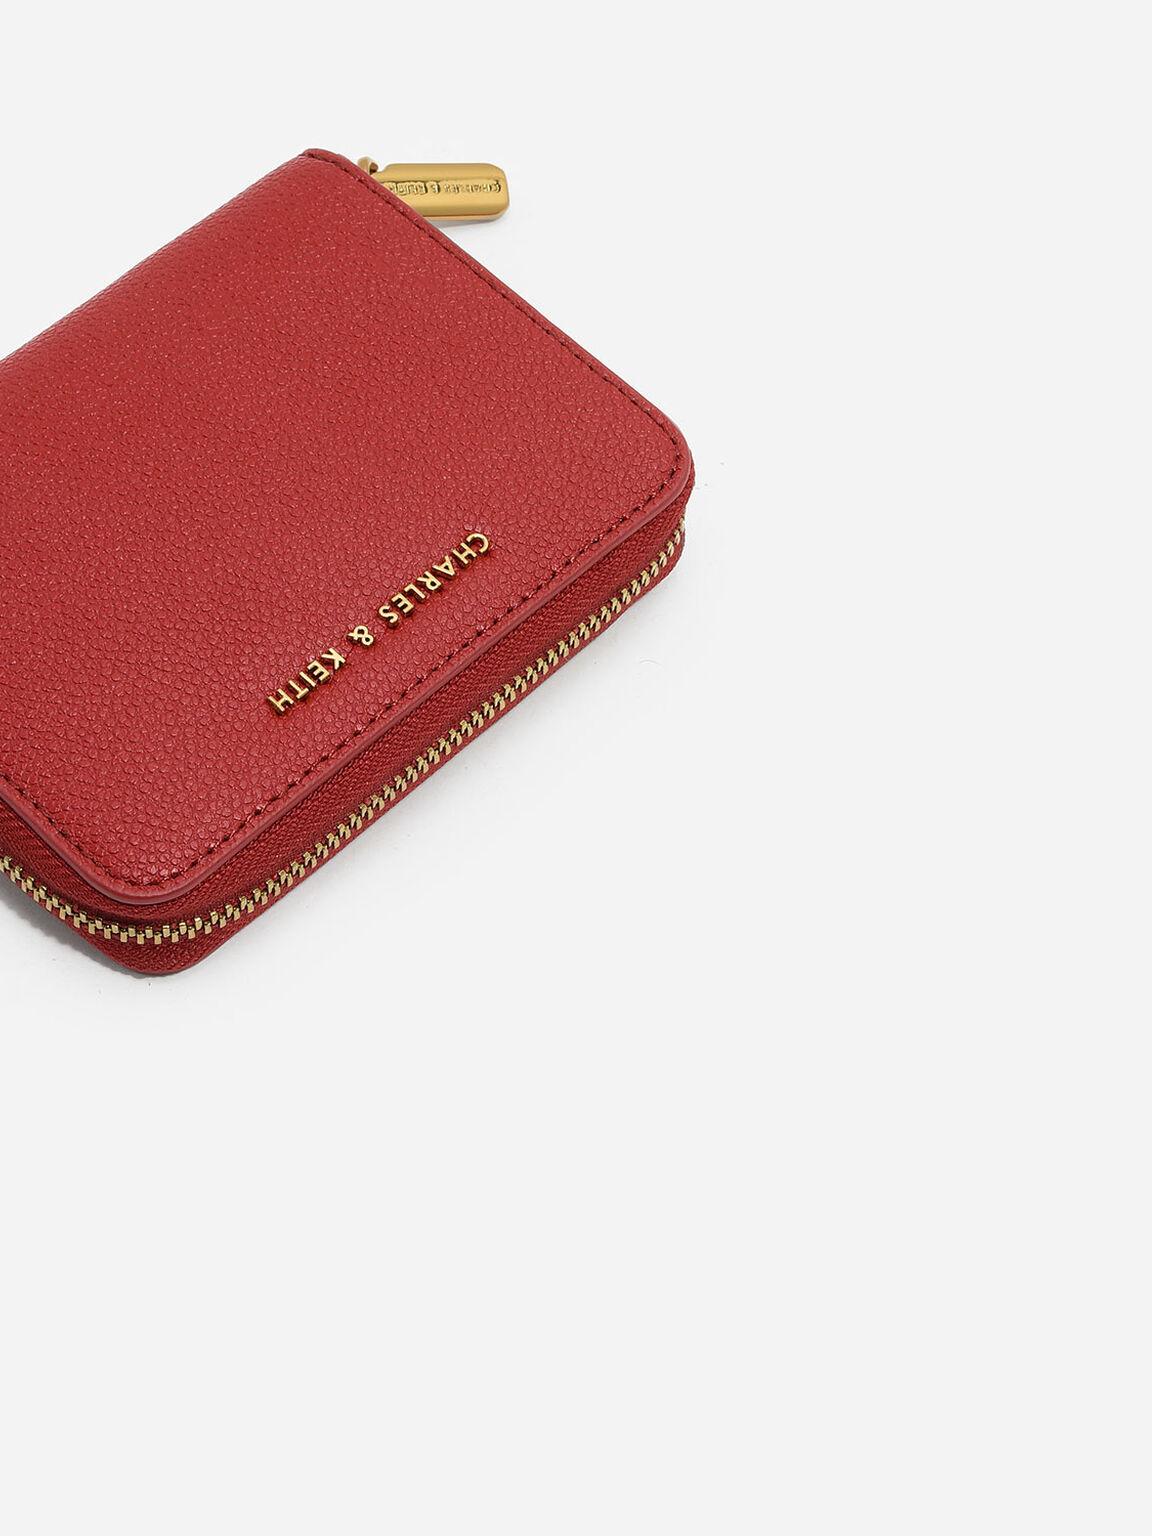 Basic Square Wallet, Red, hi-res